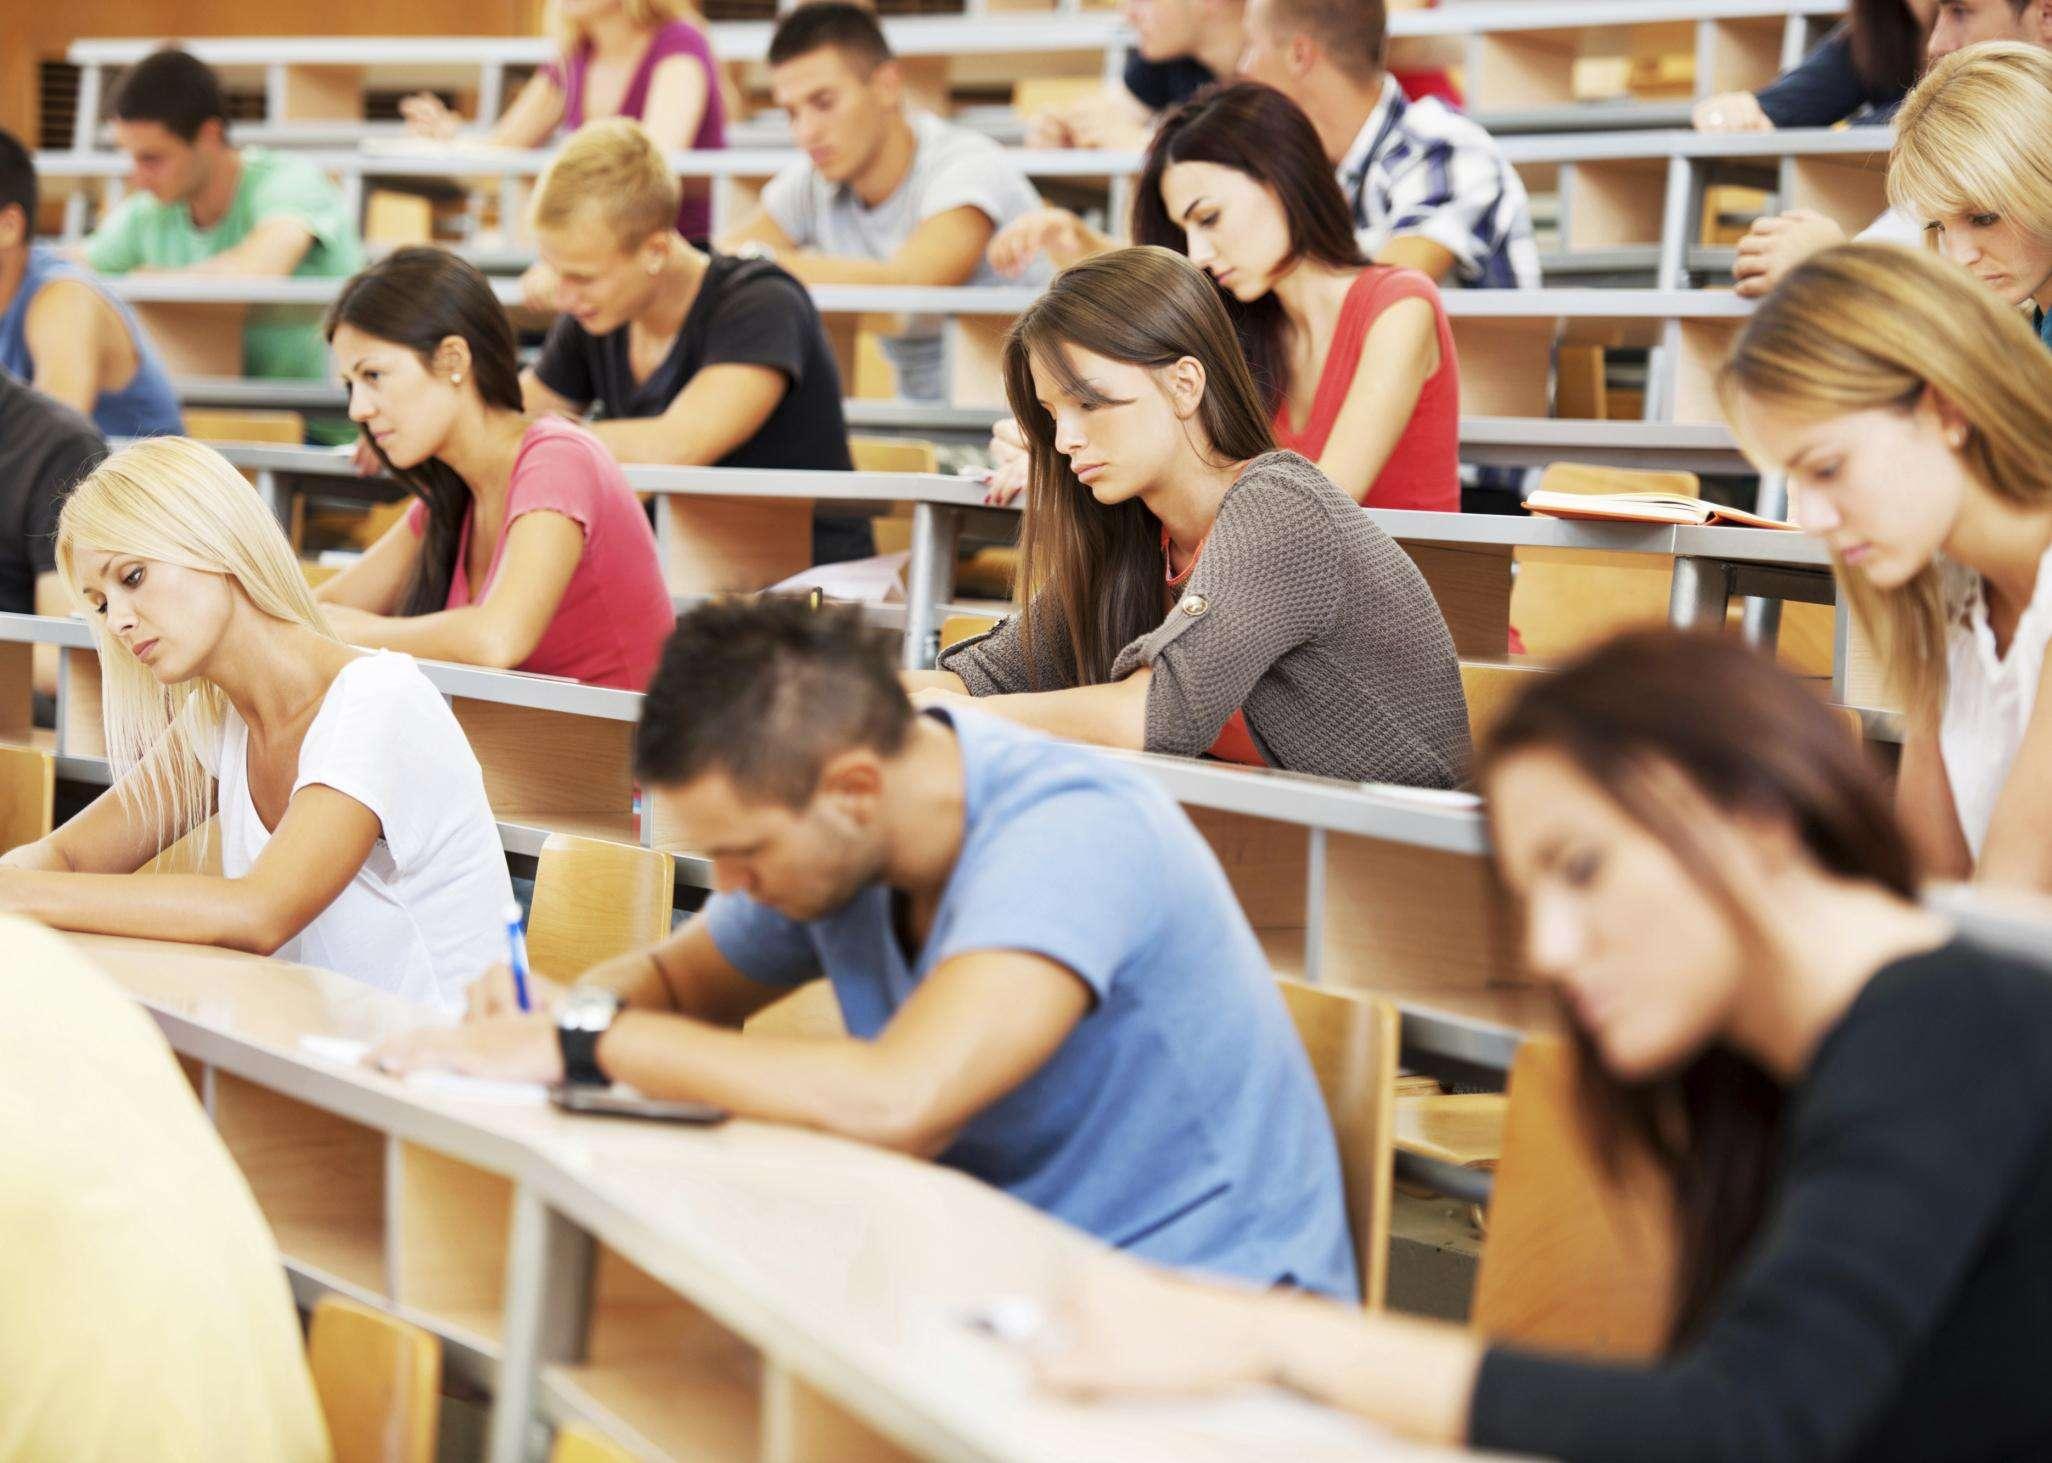 美国留学的时候千万不要作弊抄袭!